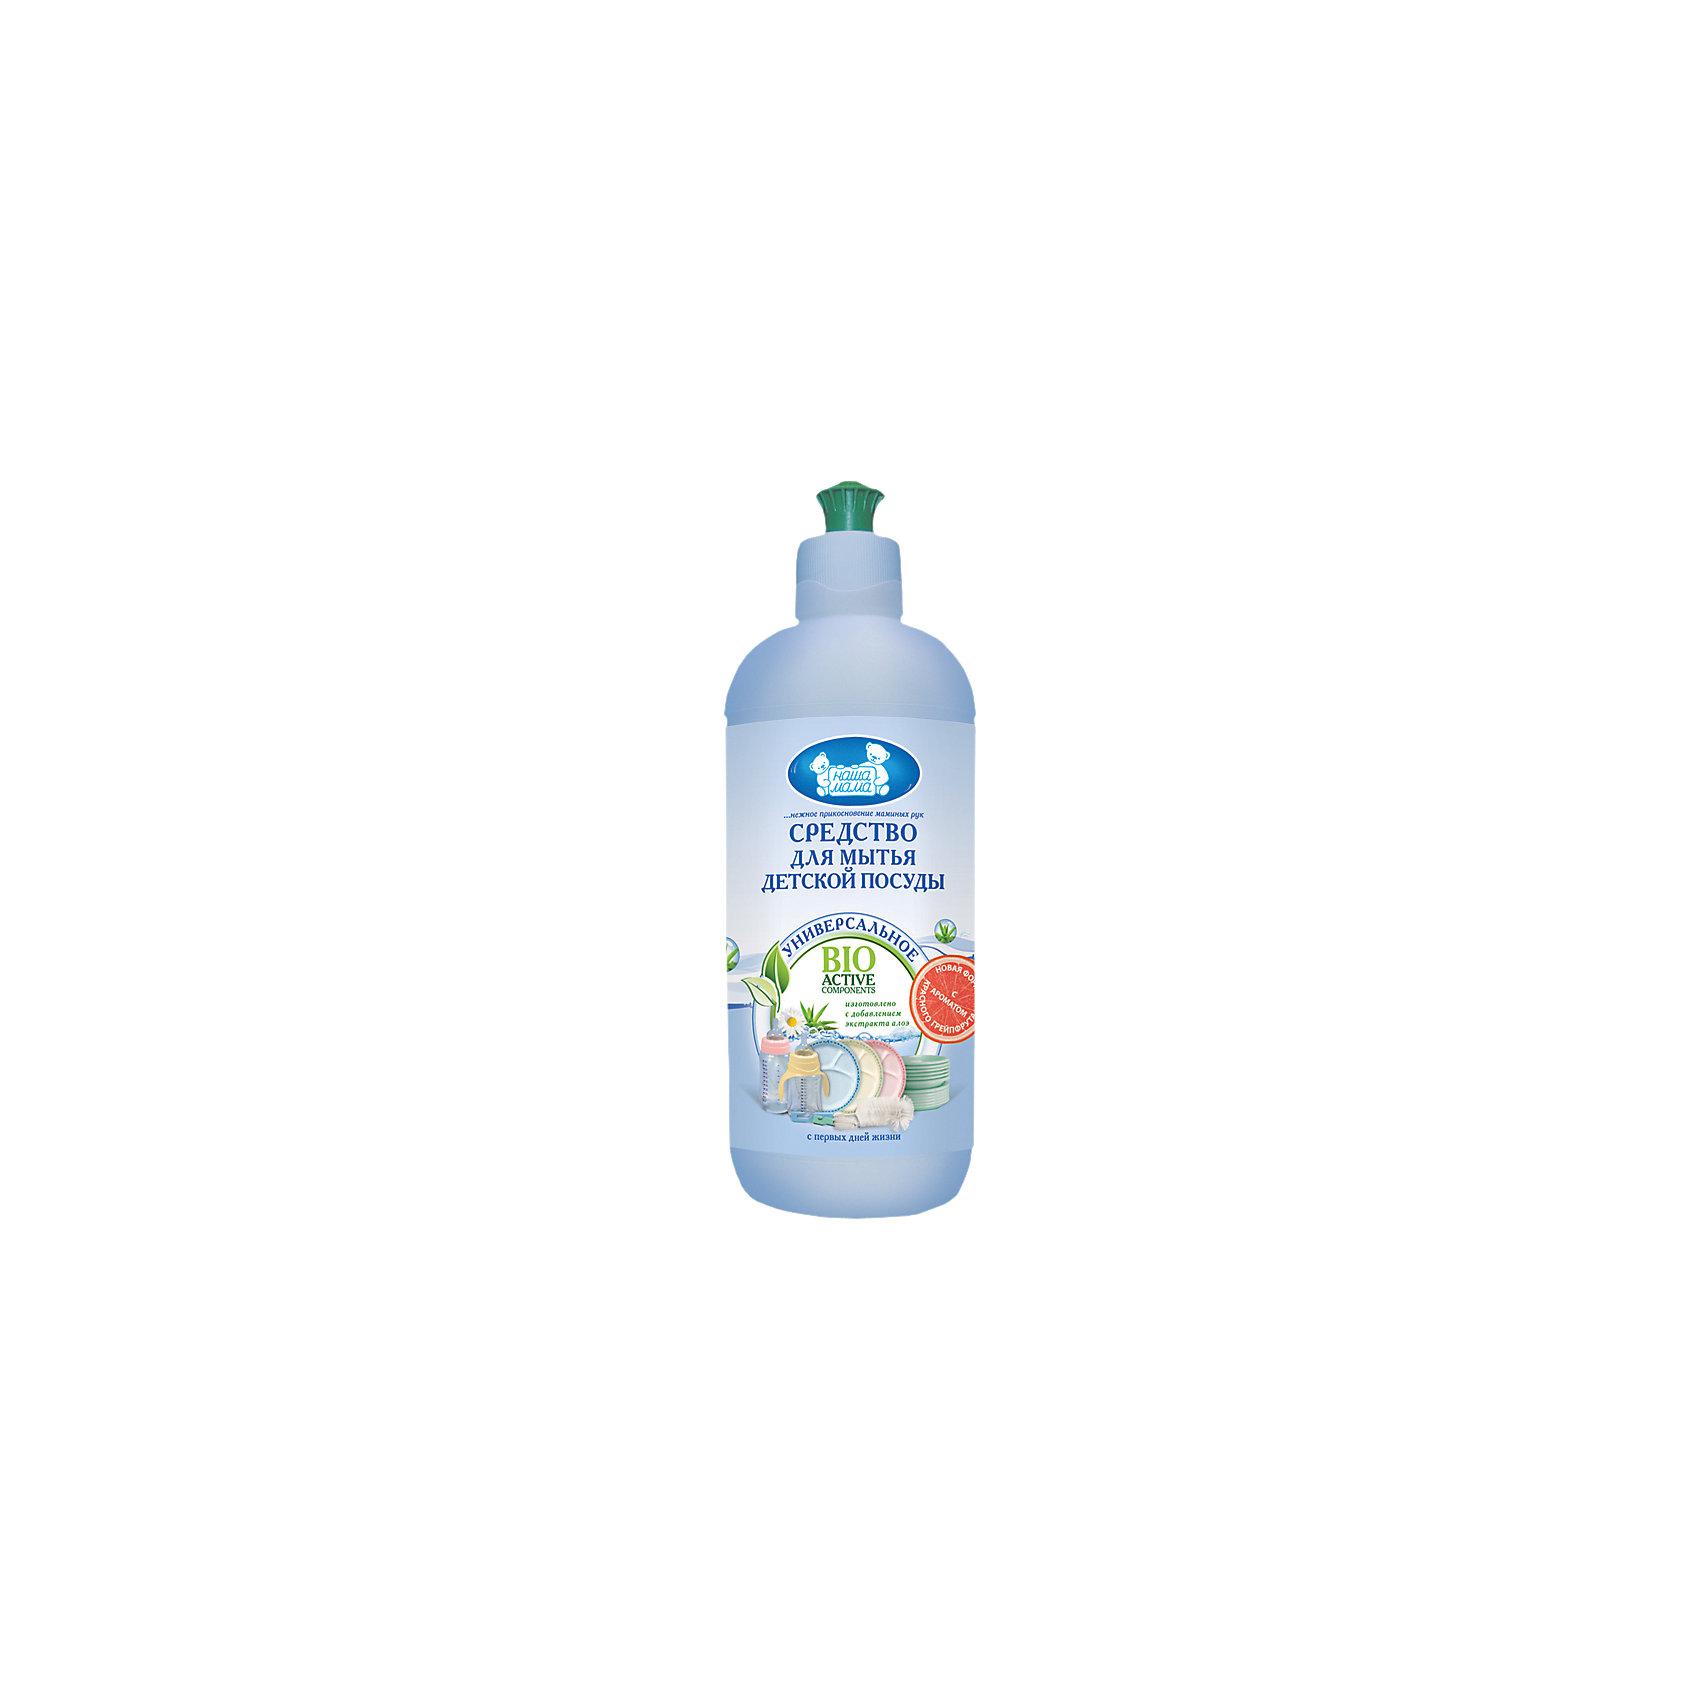 Средство для мытья посуды 500 мл., Наша МамаСпециально разработанная инновационная формула с биологически активными натуральными компонентами эффективно удаляет остатки характерных молочных, кисломолочных и других продуктов даже в холодной воде. Средство идеально при мытье детской посуды и аксессуаров для кормления новорожденных. Содержит растительный экстракт, смягчающий кожу рук.<br><br>Ширина мм: 70<br>Глубина мм: 70<br>Высота мм: 200<br>Вес г: 520<br>Возраст от месяцев: 0<br>Возраст до месяцев: 36<br>Пол: Унисекс<br>Возраст: Детский<br>SKU: 4124416